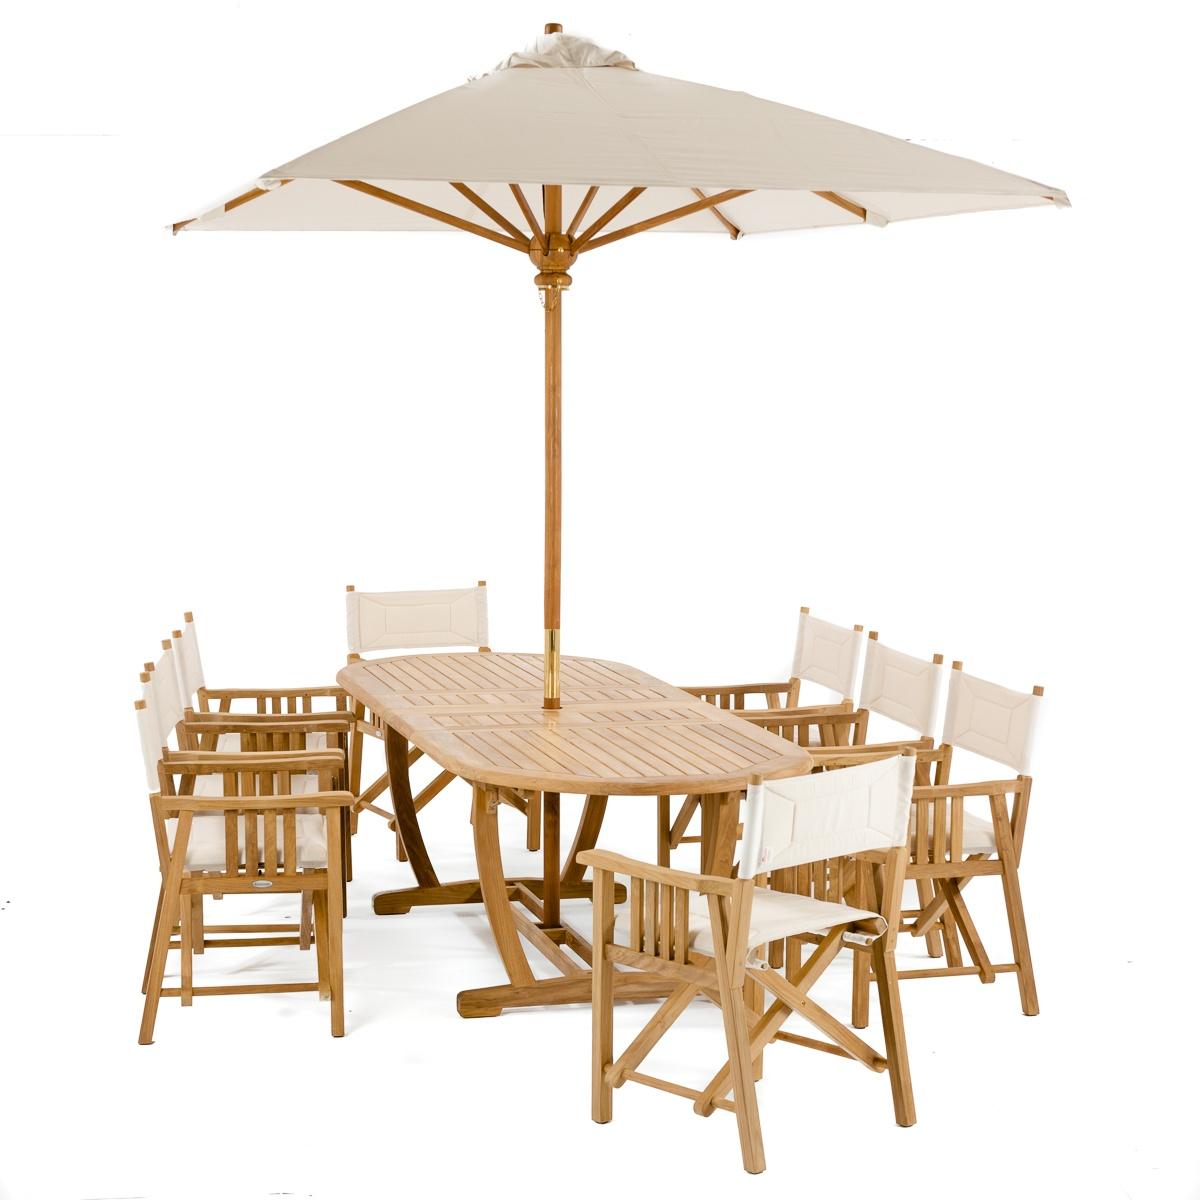 Outdoor Directors Chairs